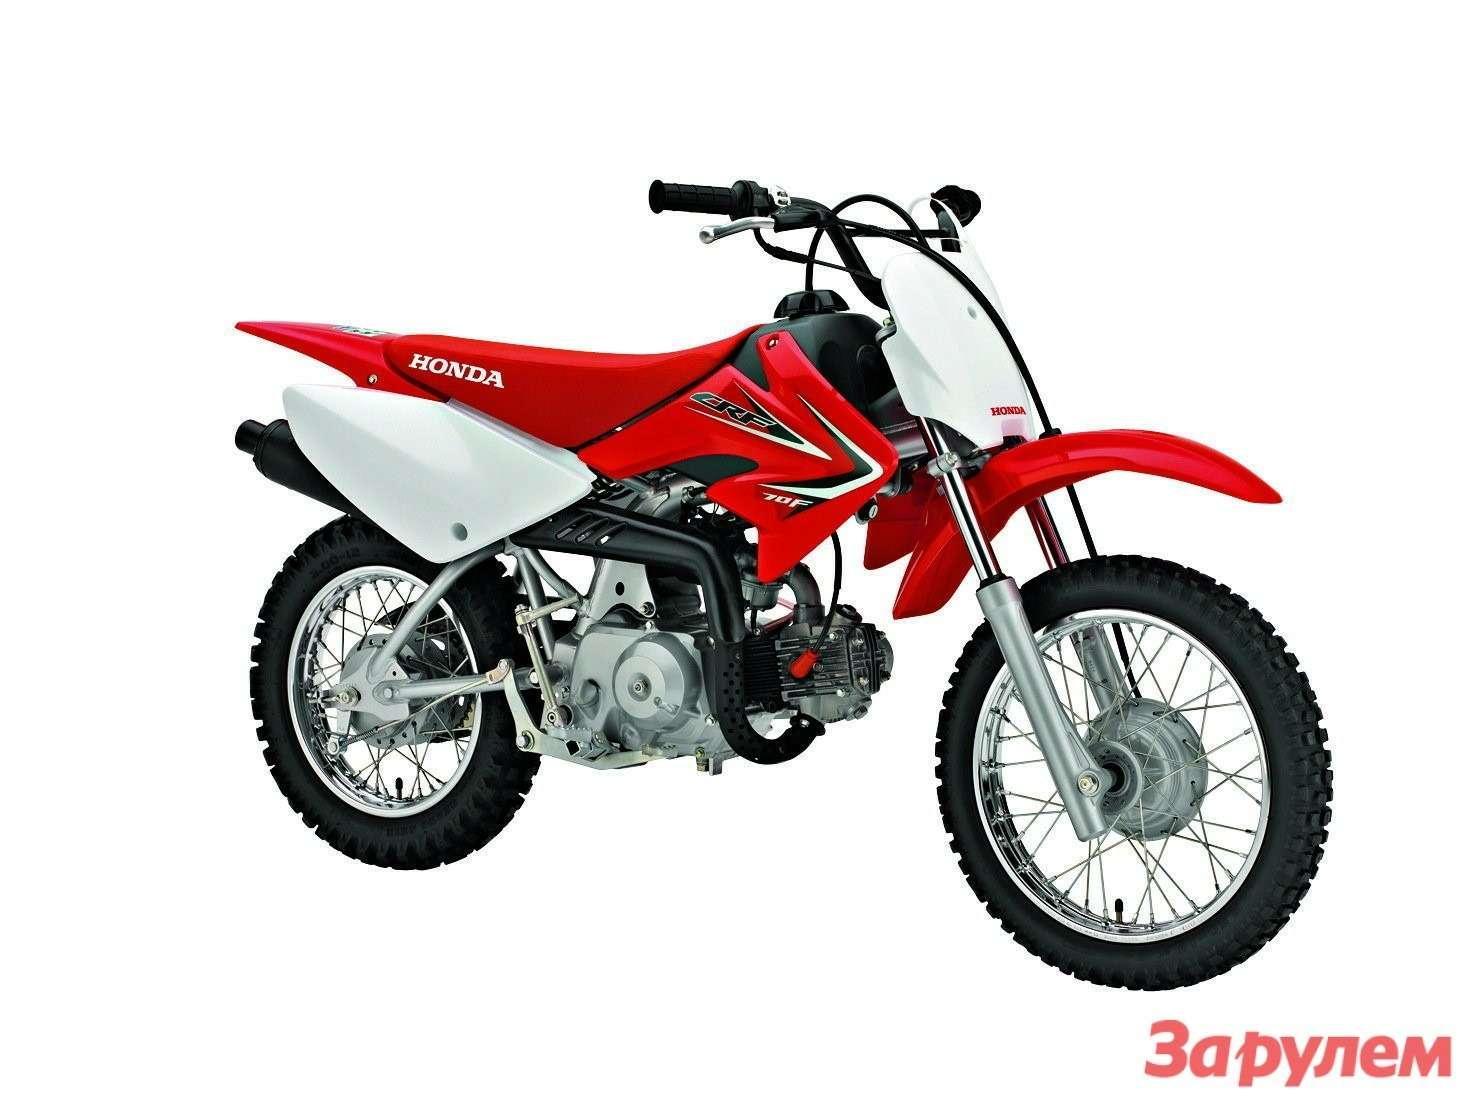 002-Honda_CRF70F